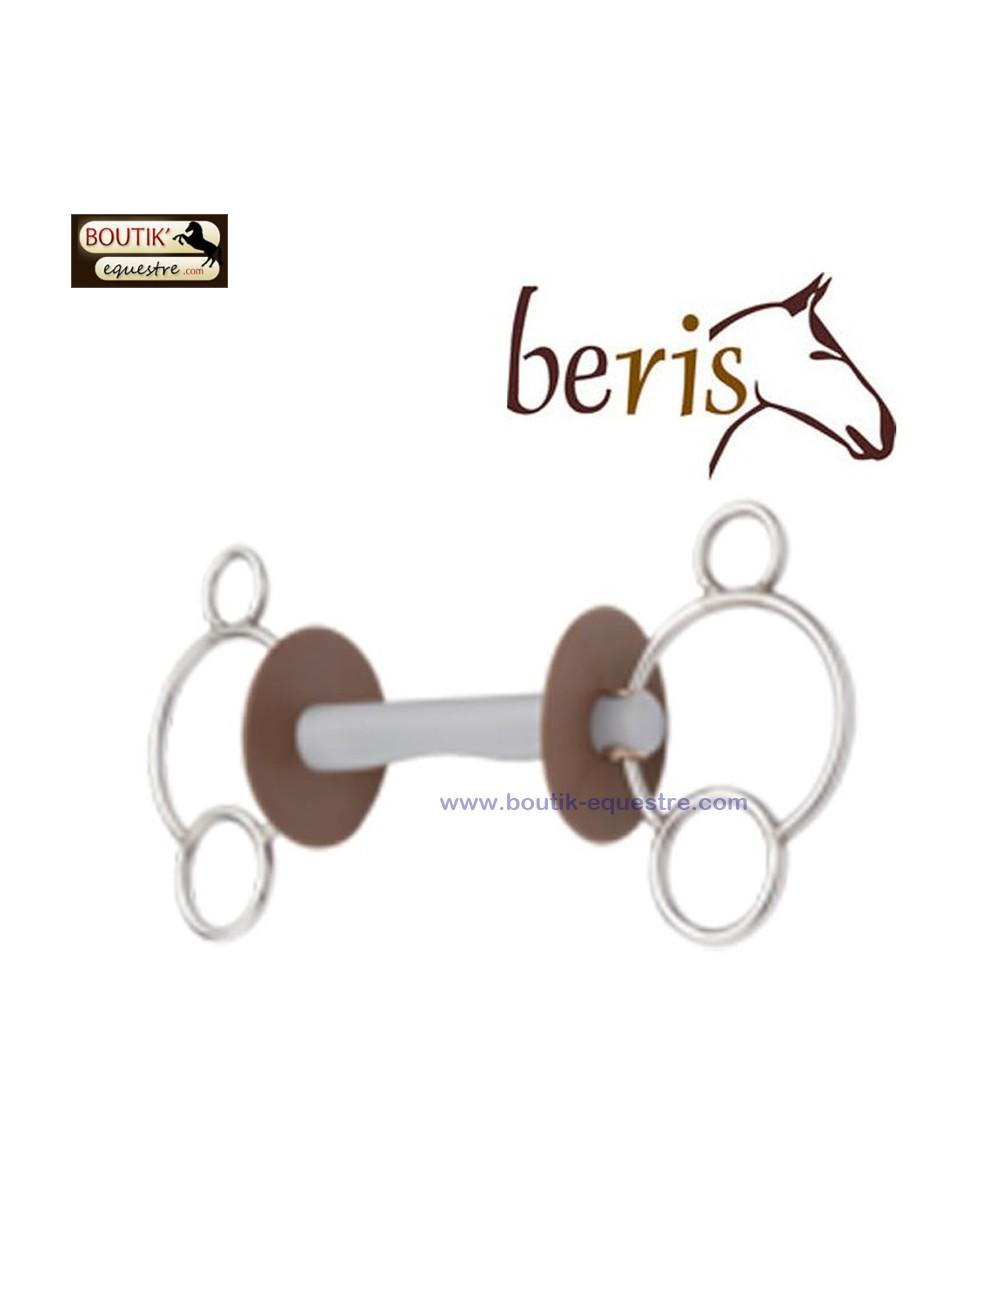 Mors Beris 3 anneaux a canon confort